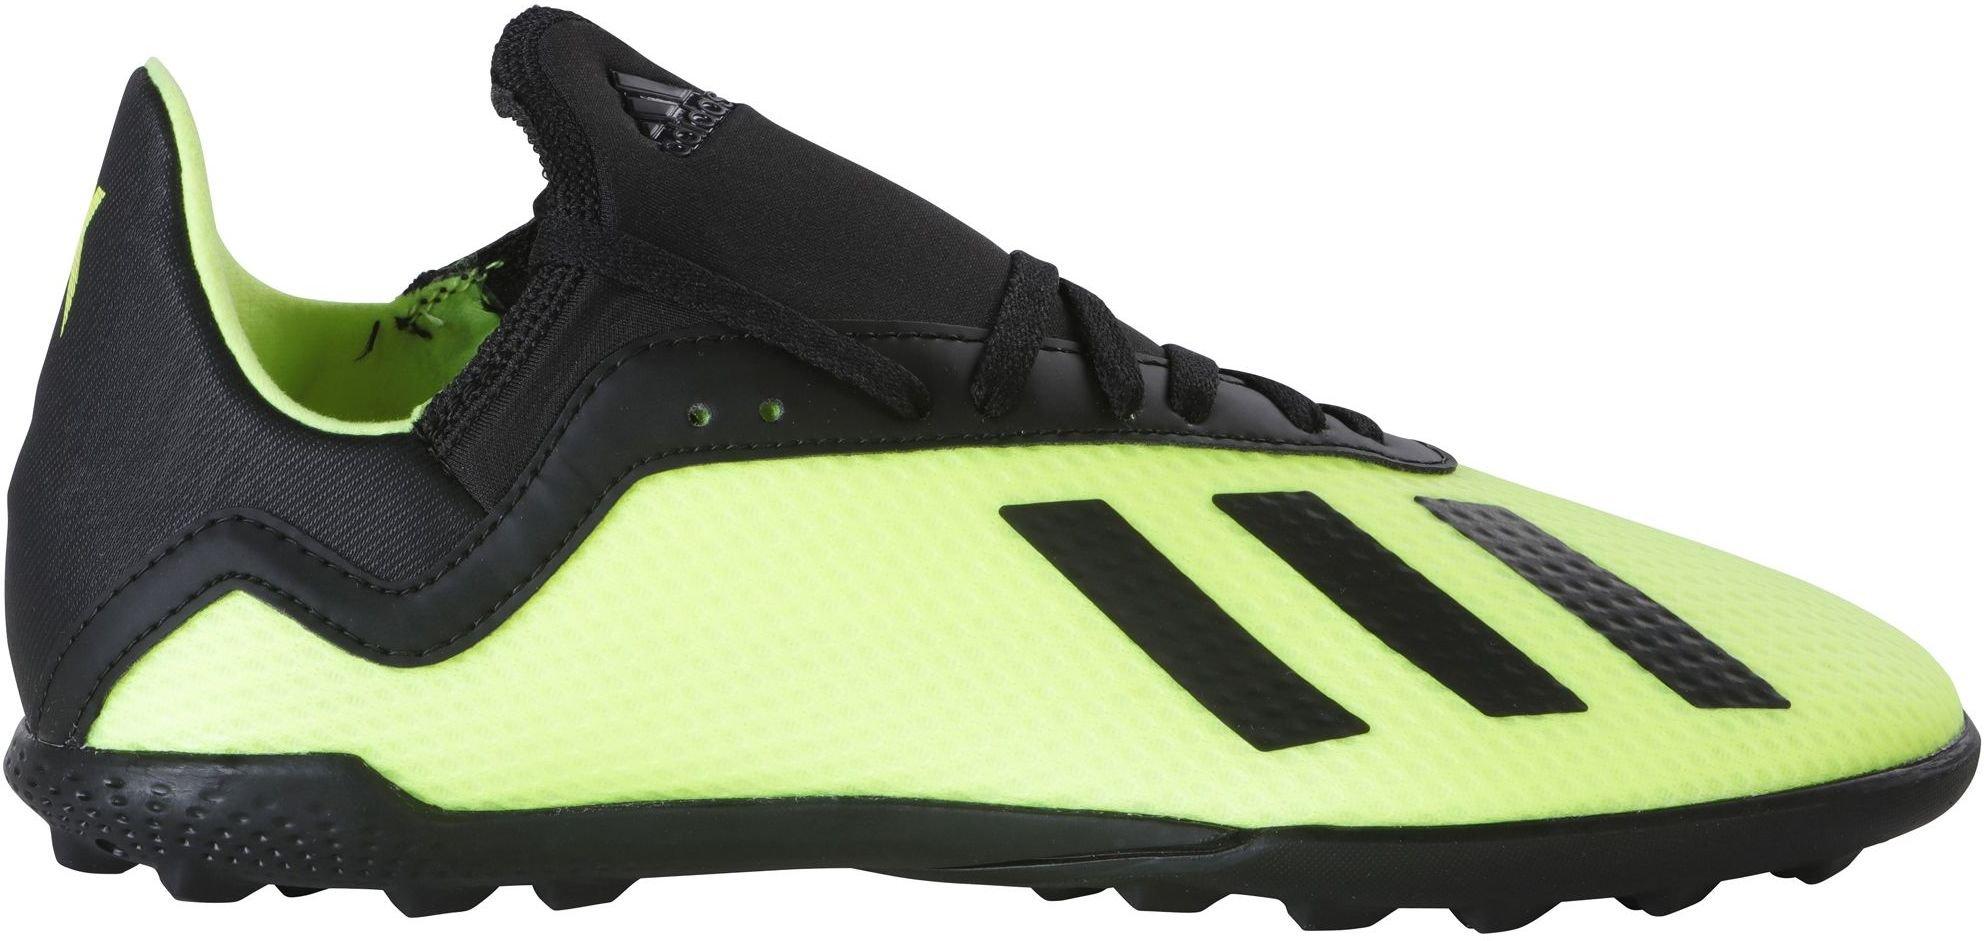 Adidas X Tango 18.3 TF (Junior)